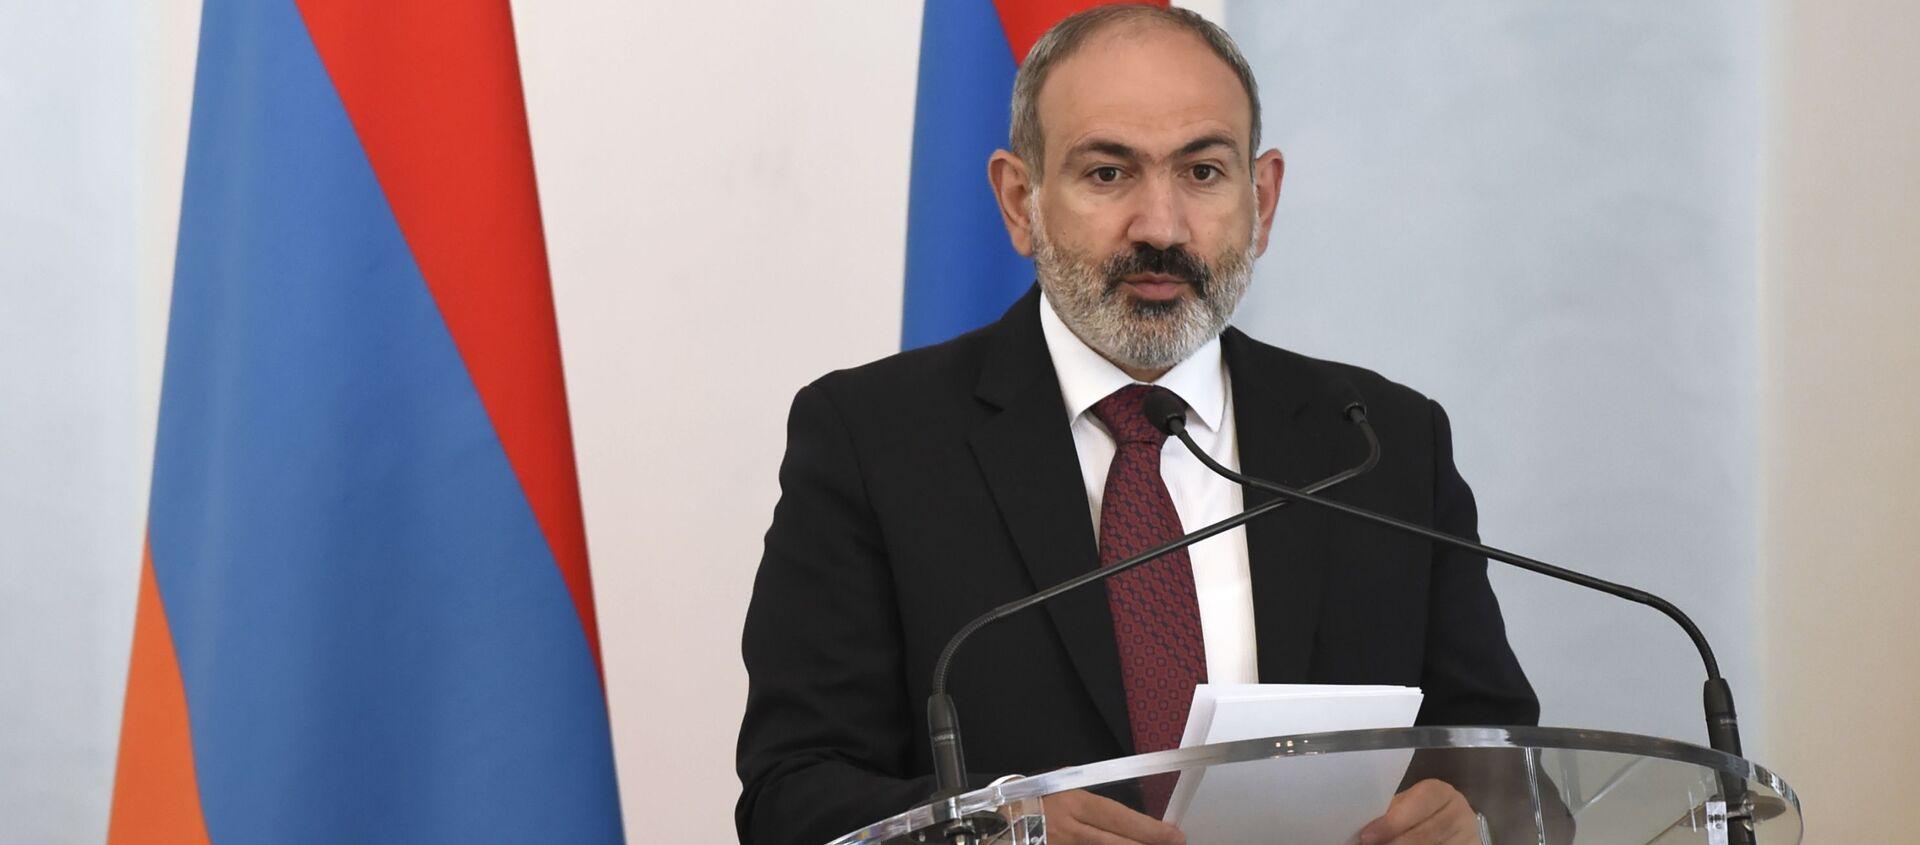 Pełniący obowiązki premiera Armenii Nikol Paszynian - Sputnik Polska, 1920, 20.05.2021